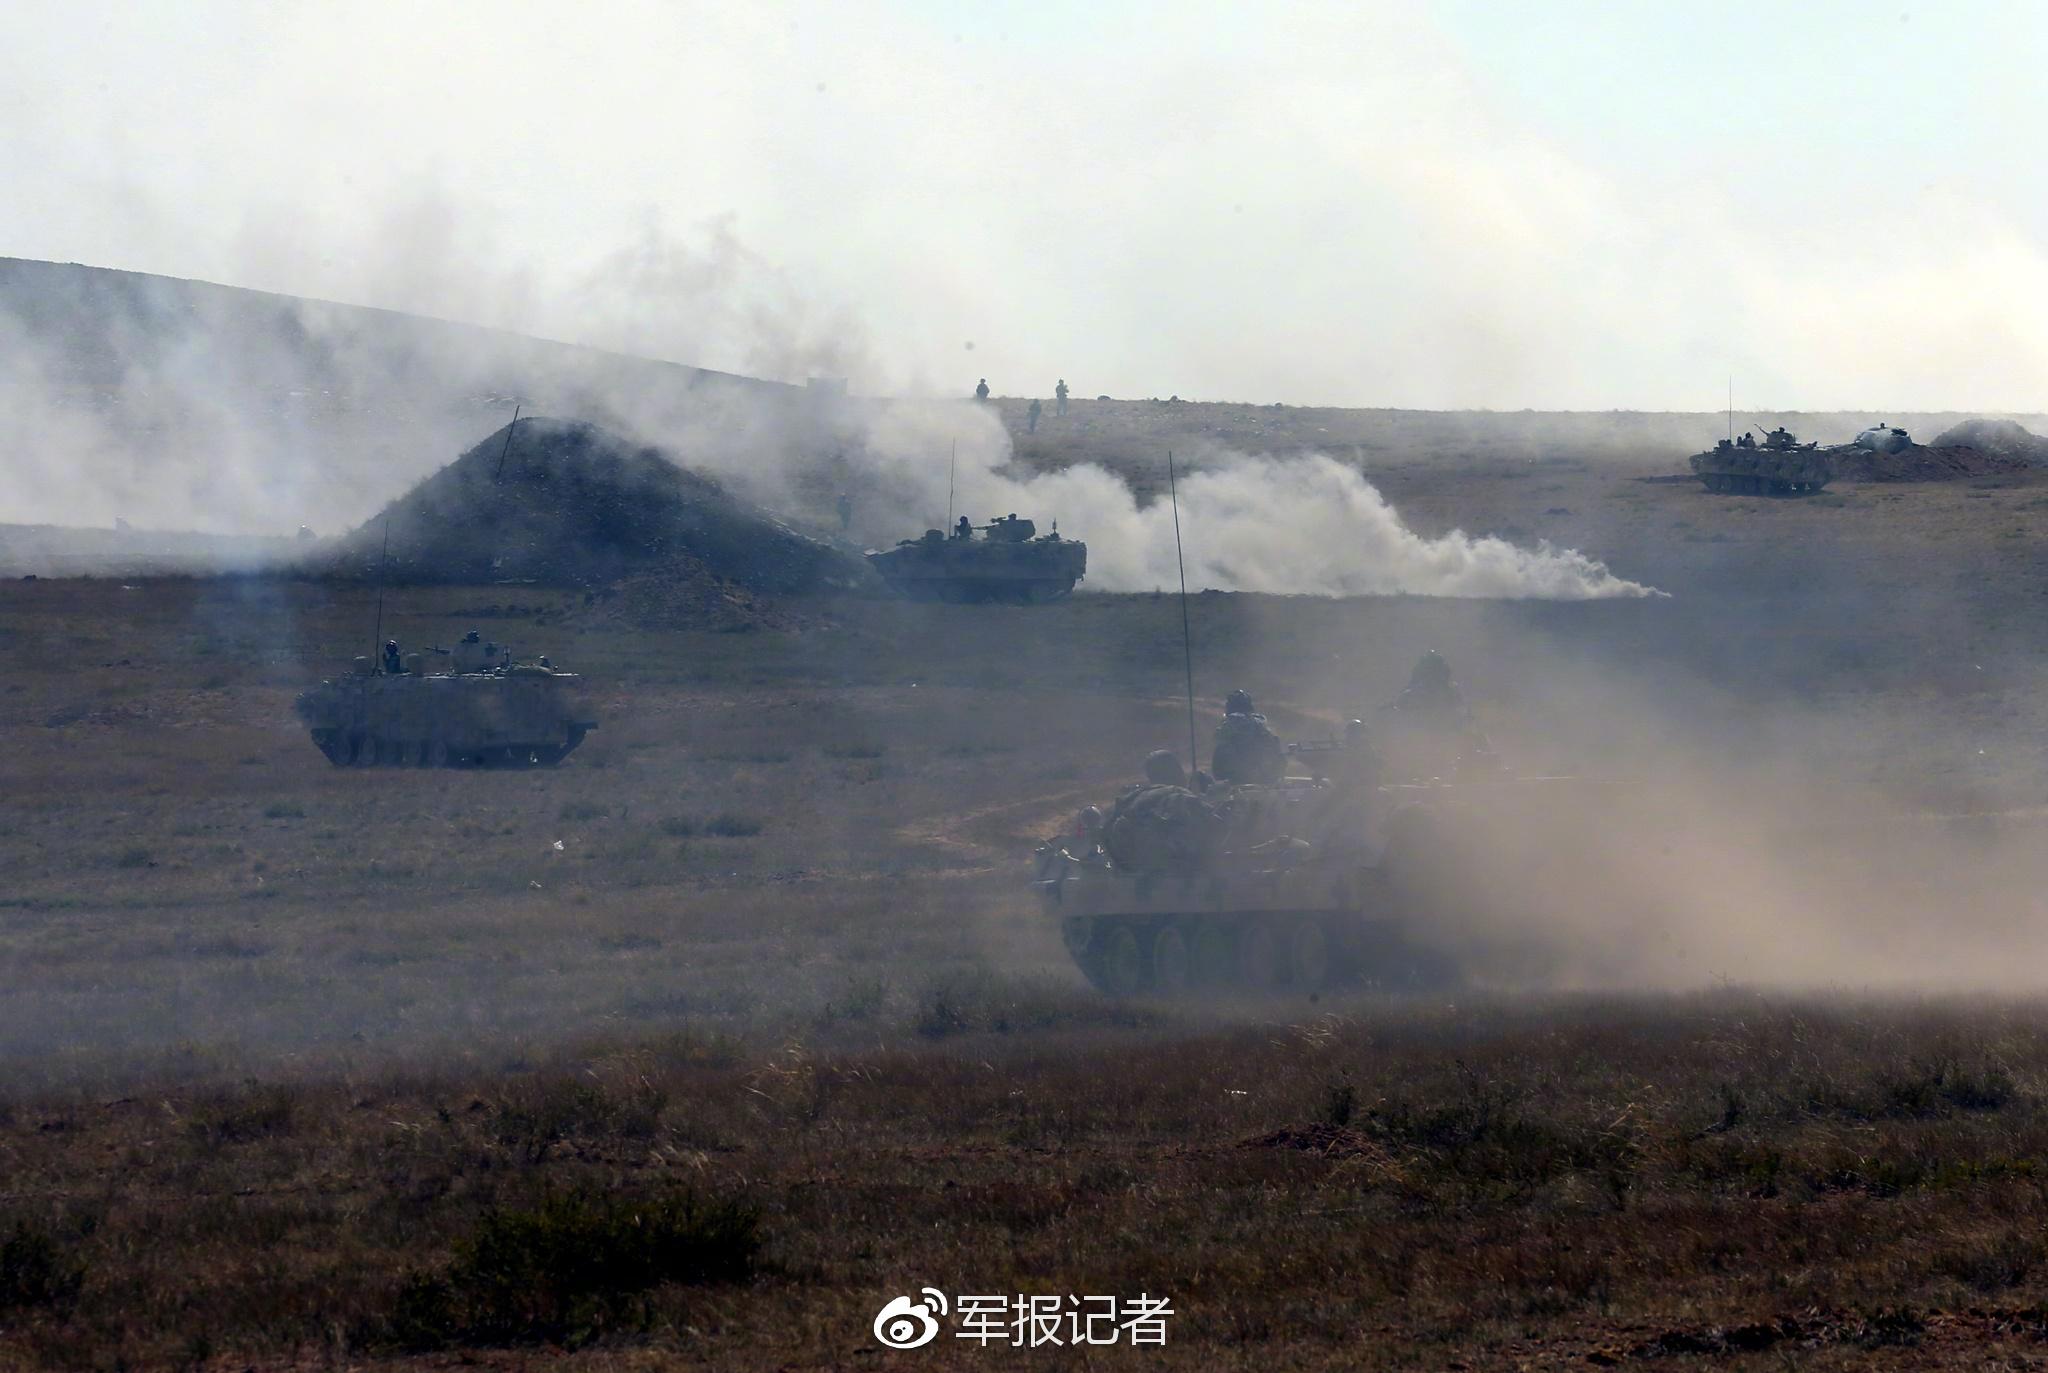 朱日和军演落幕有何亮点 中国陆军重组后合成旅亮相